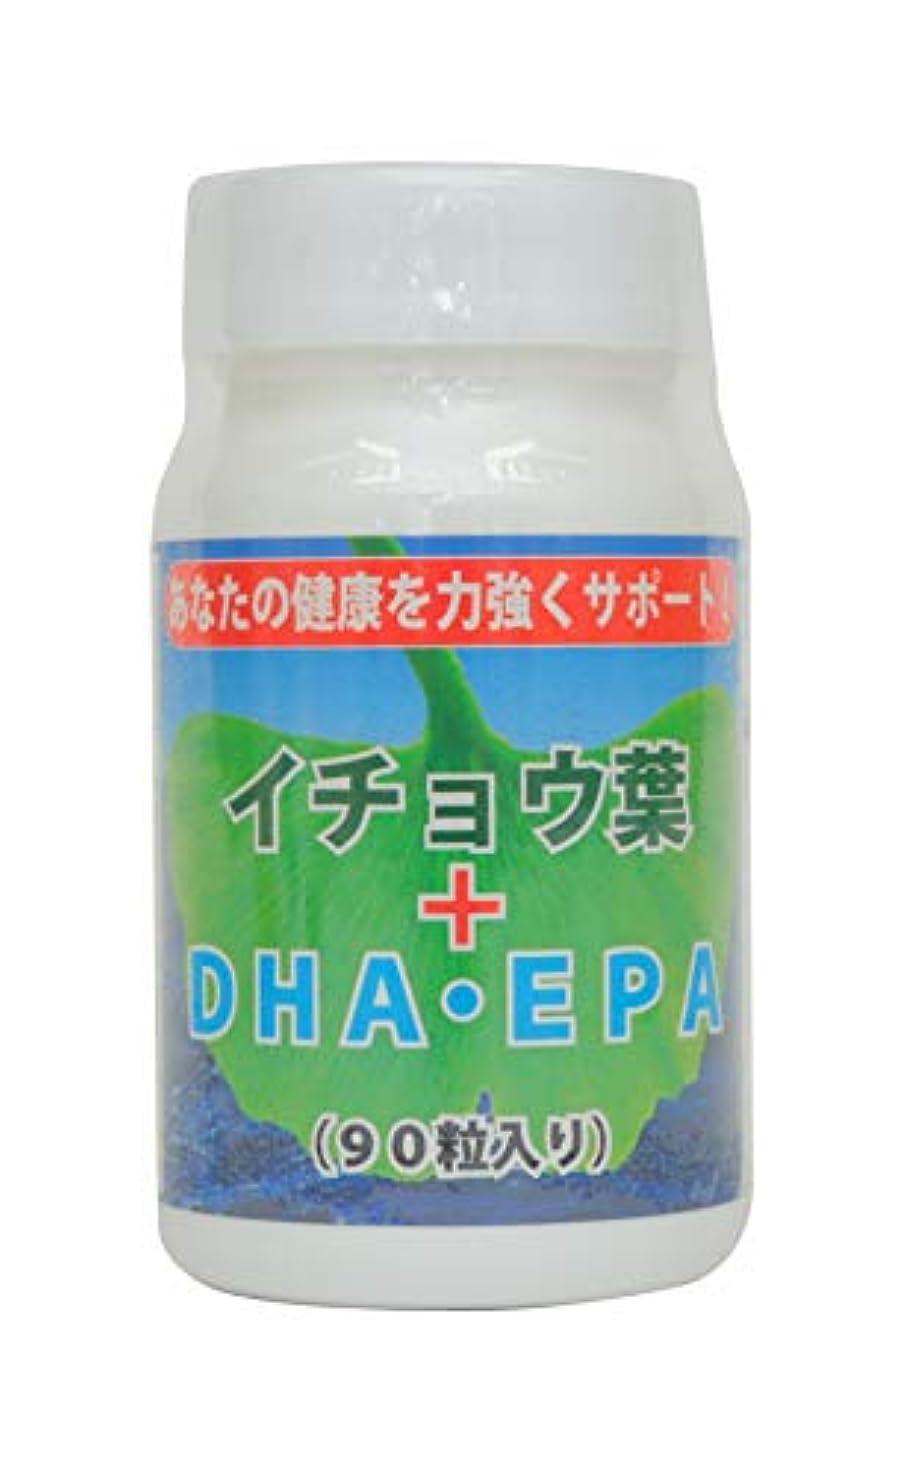 万成酵素 イチョウ葉 + DHA EPA 90粒入り サプリメント